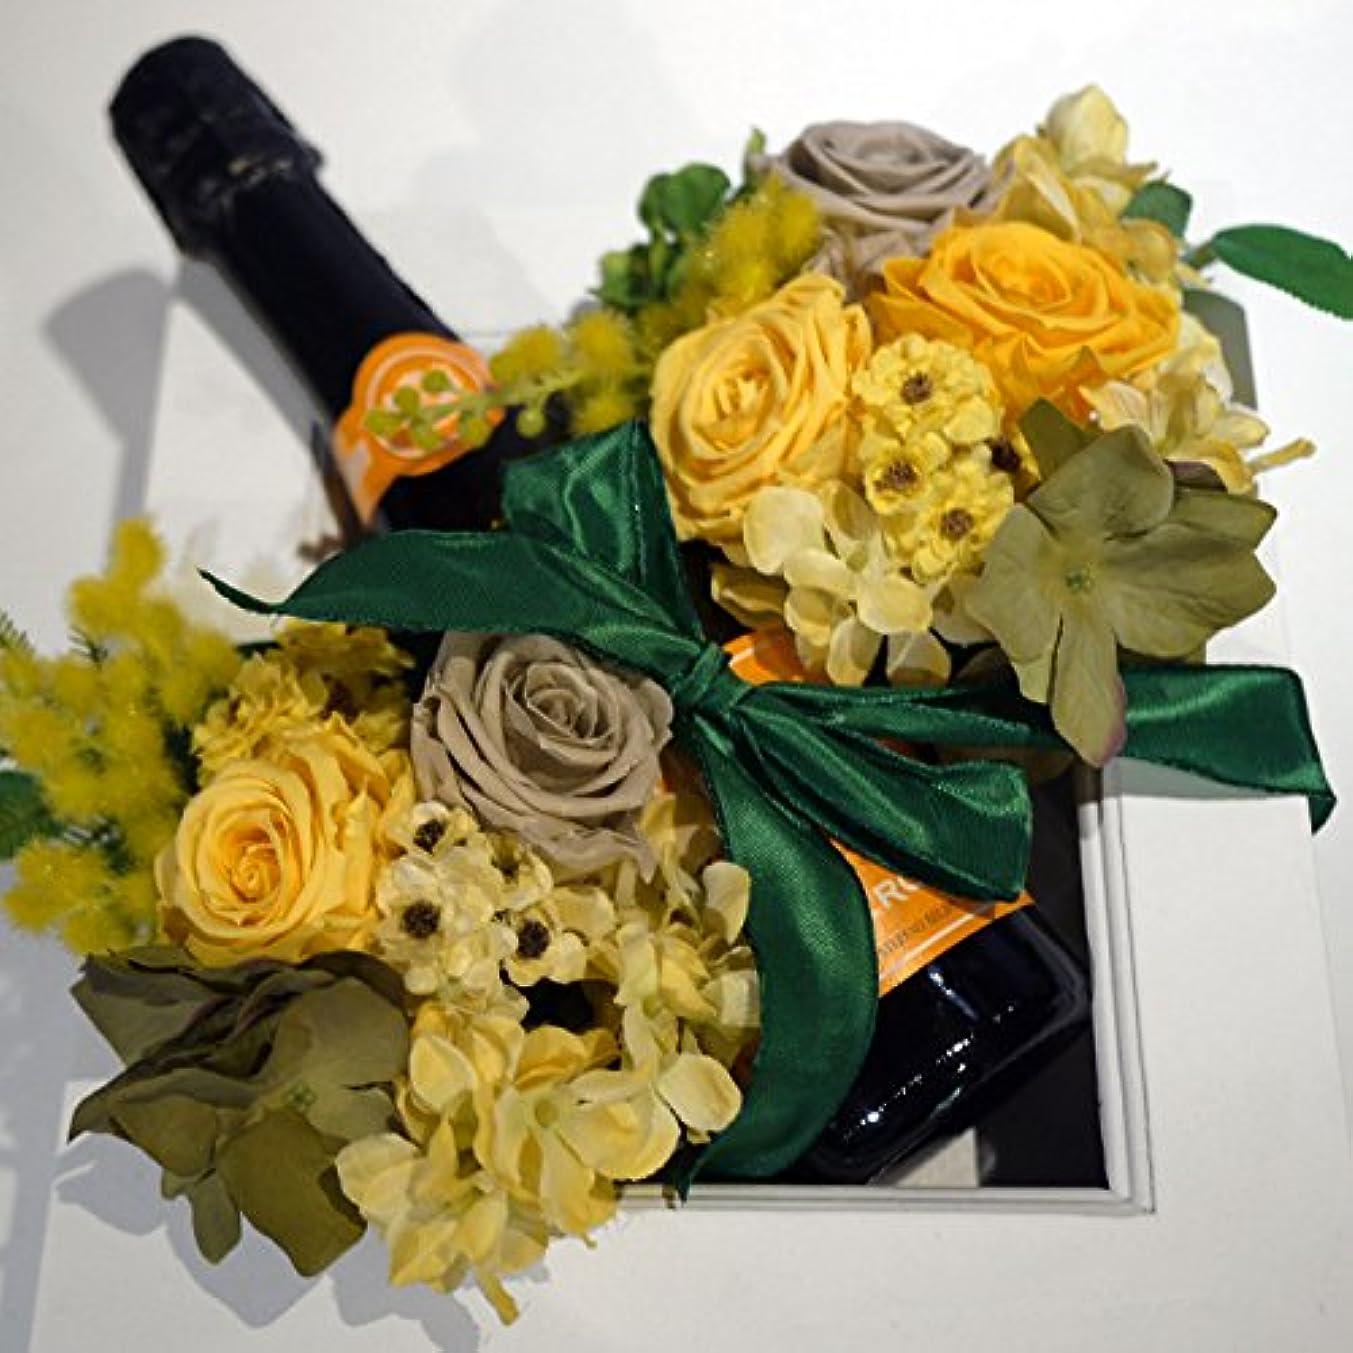 卵ペン過度に花 シャンパン 花ギフト シャンパン 社長就任祝い シャンパン ヴーヴ?クリコイエローラベルとプリザの額縁アレンジ